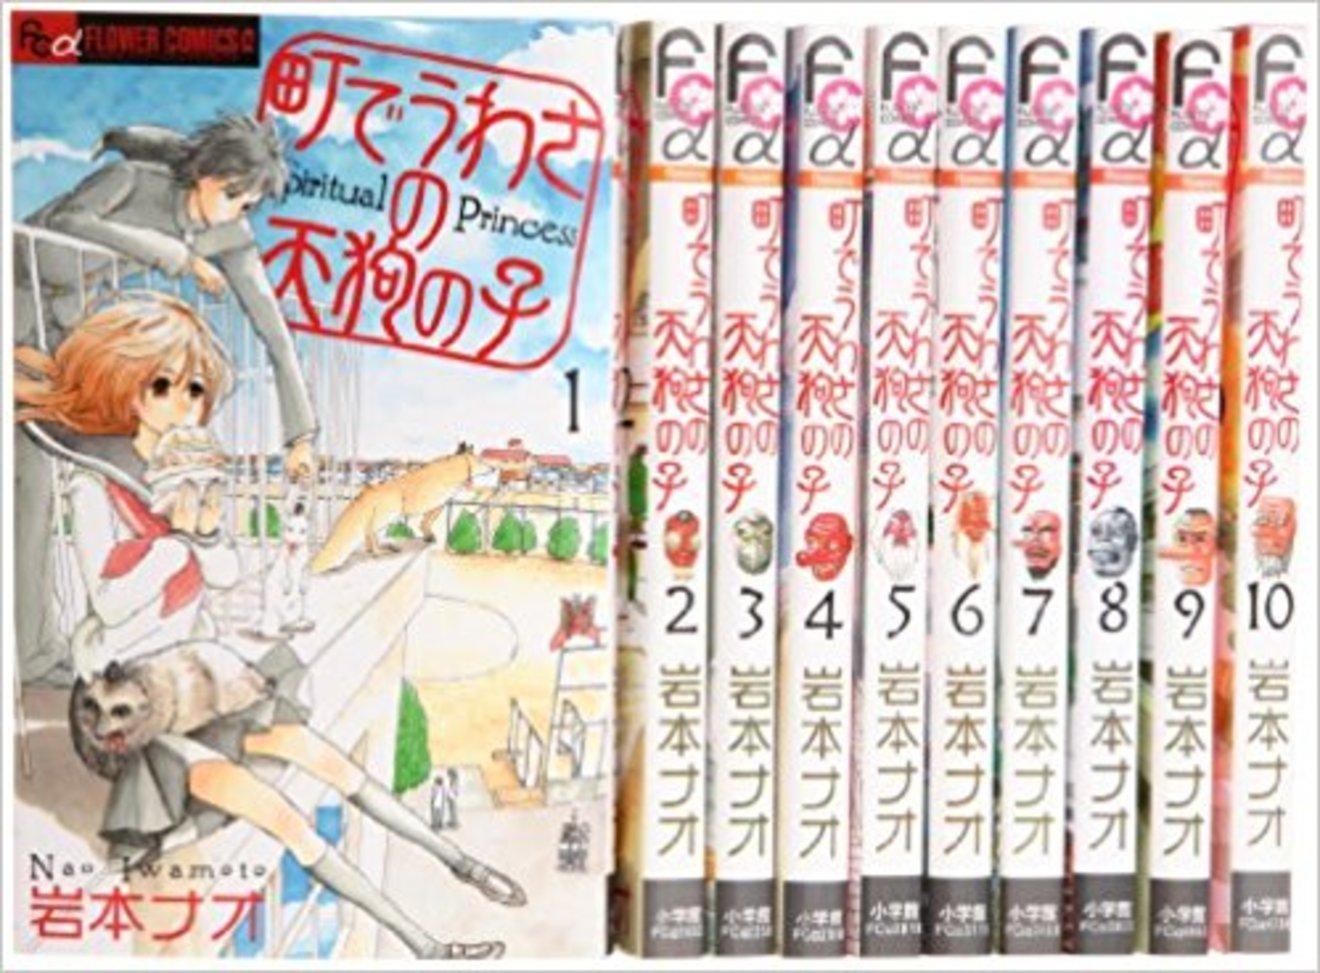 岩本ナオのおすすめ漫画ランキングベスト4!大注目の『金の国 水の国』作者